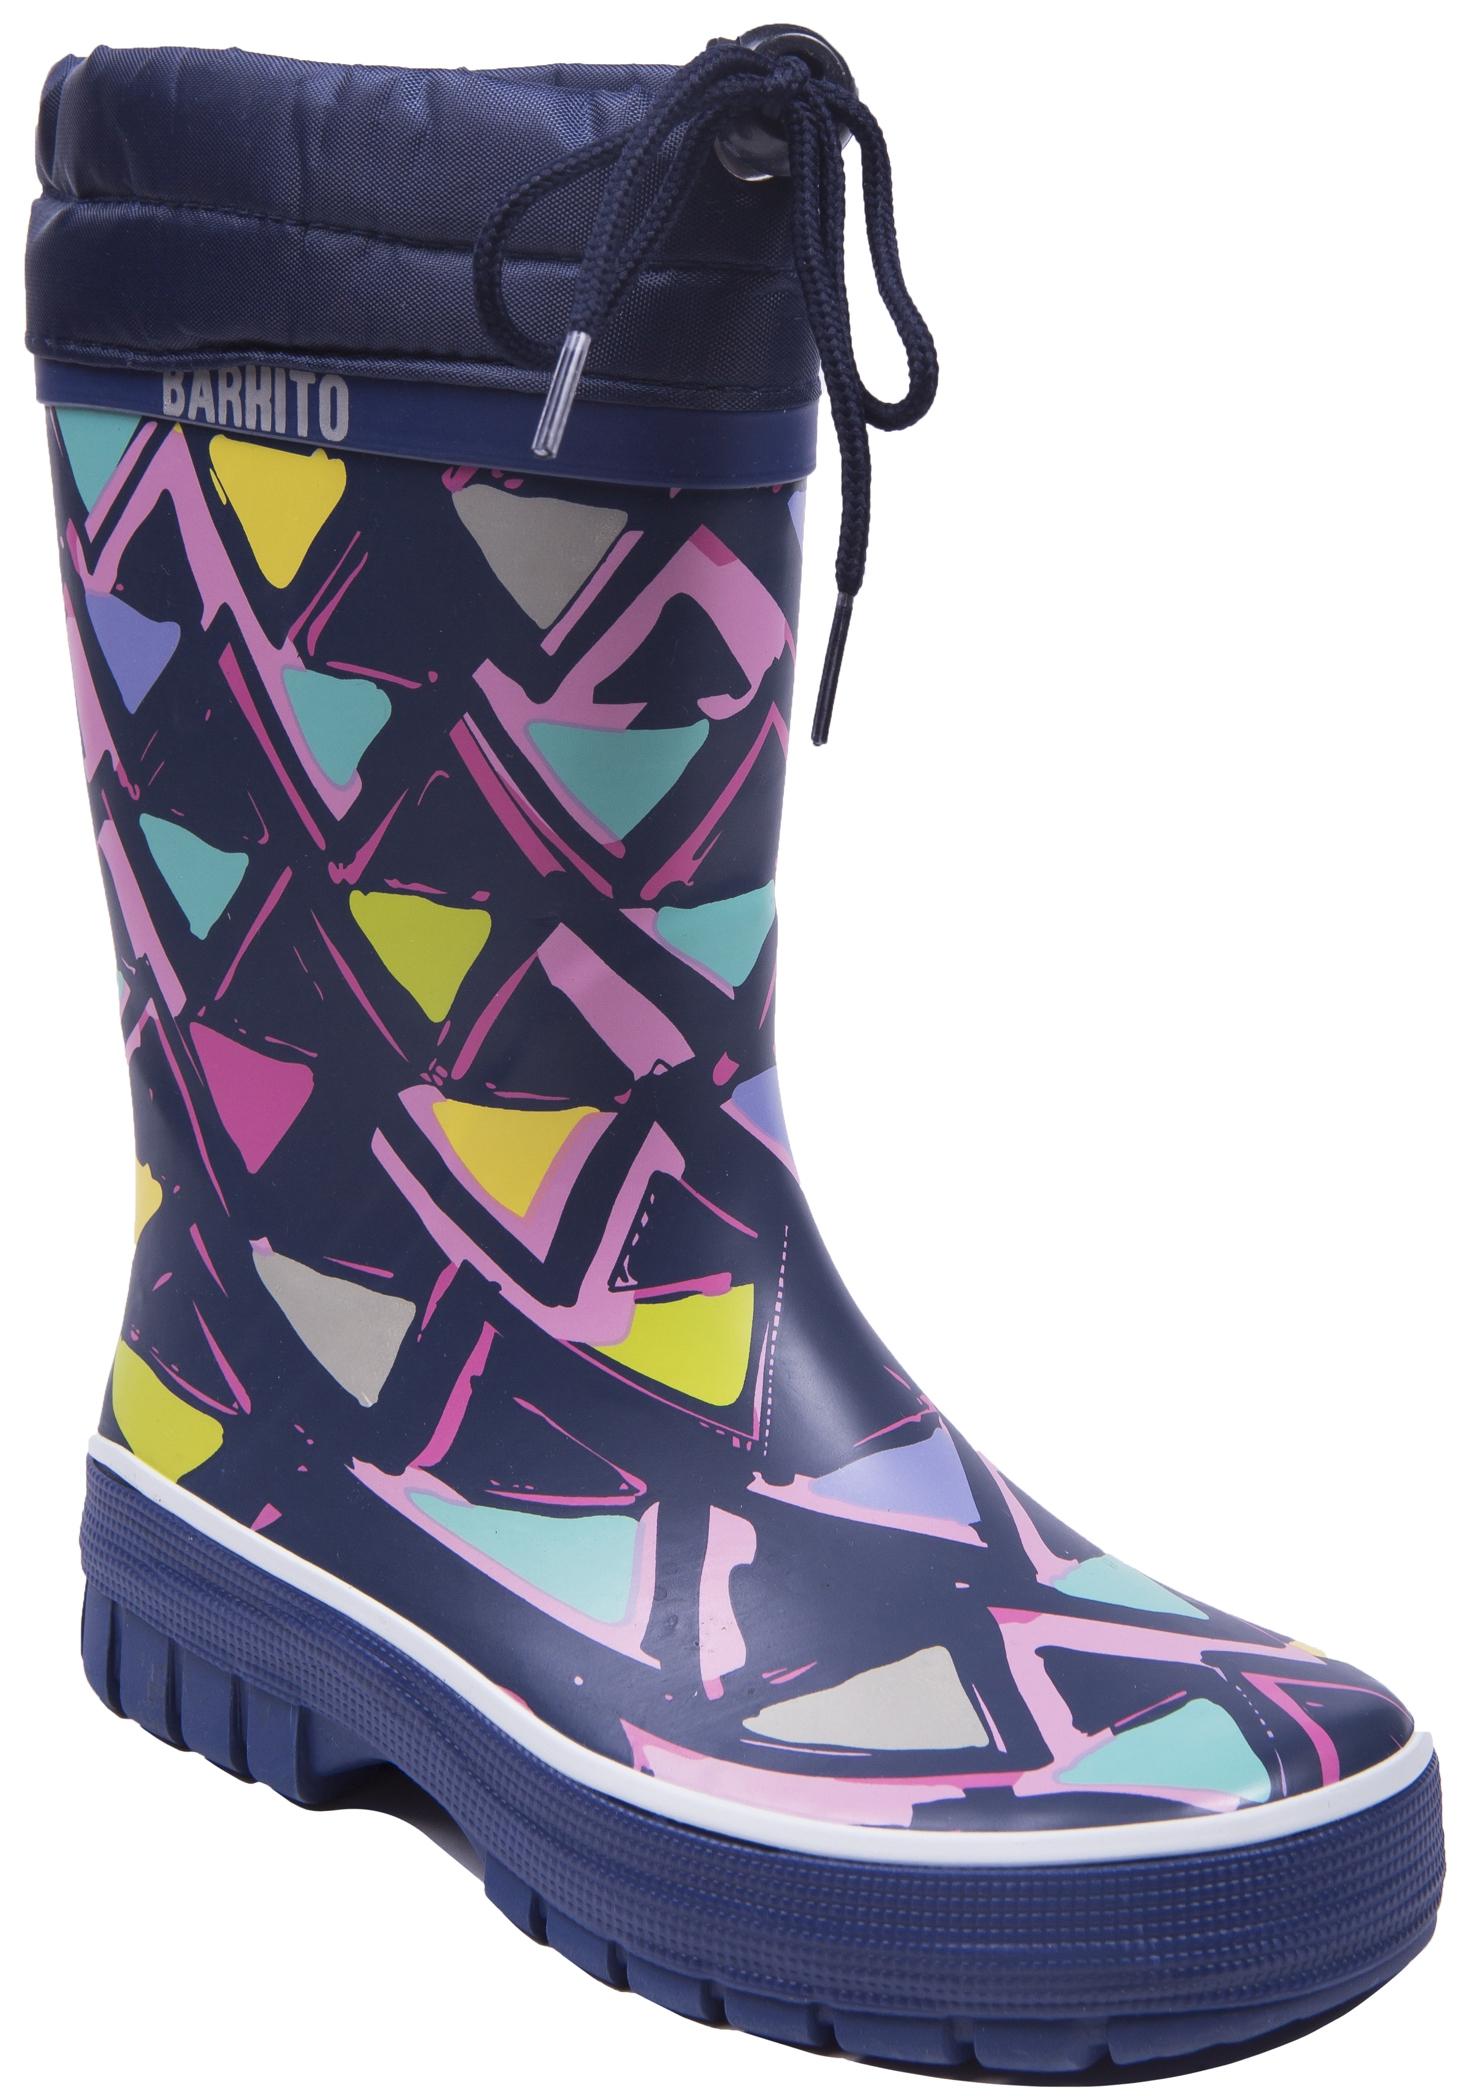 Фото - Резиновые сапоги Barkito Сапоги для девочки Barkito, синие обувь на высокой платформе dkny